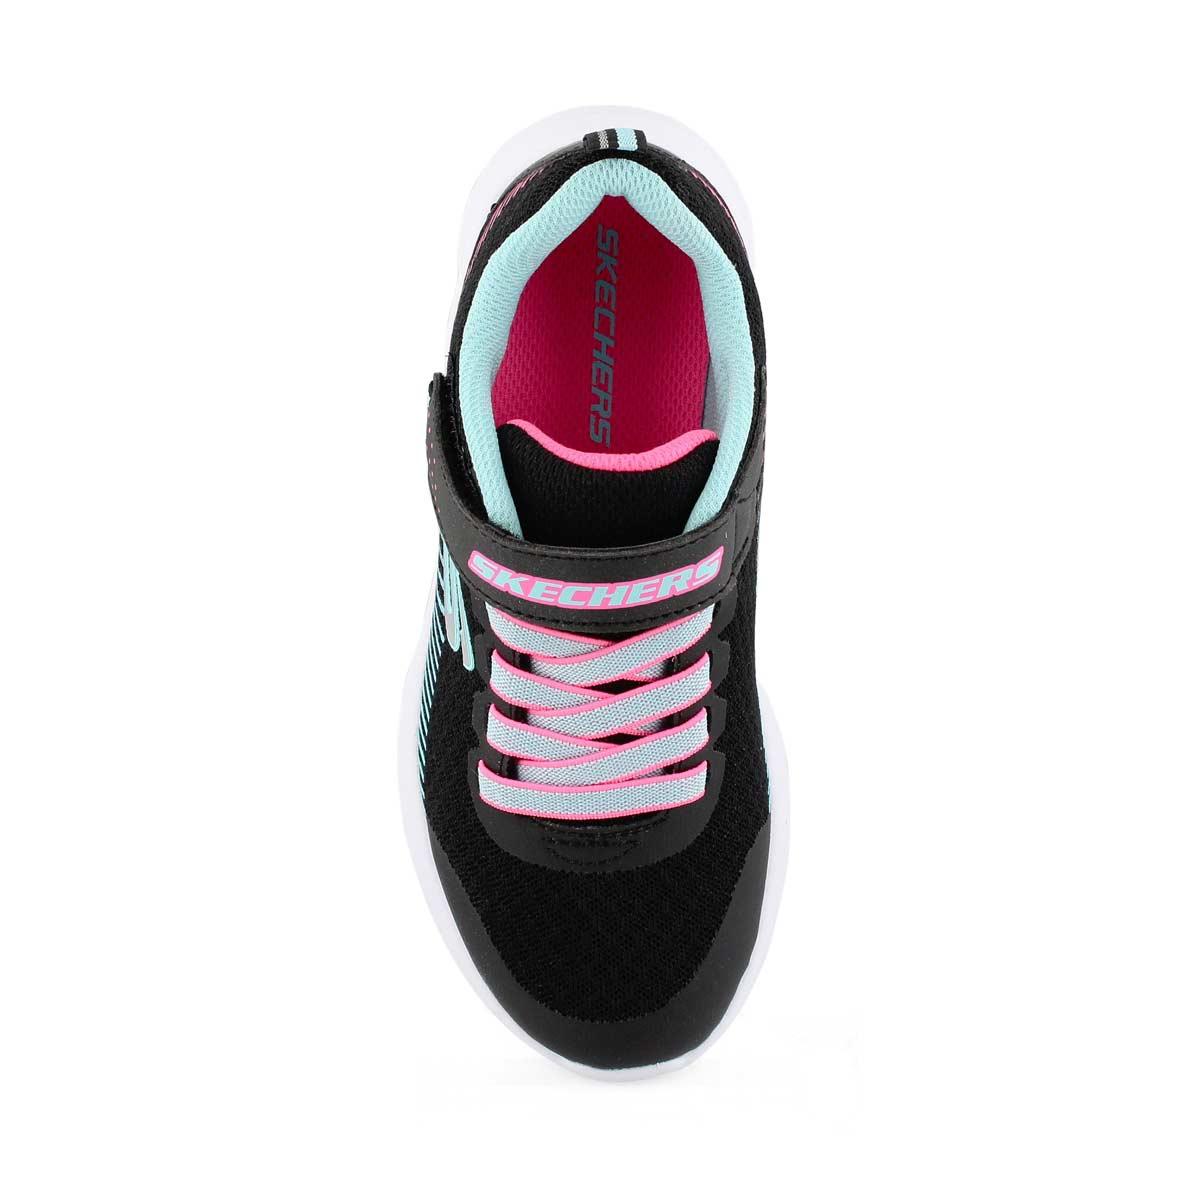 Grls Microspec blk/turq sneaker